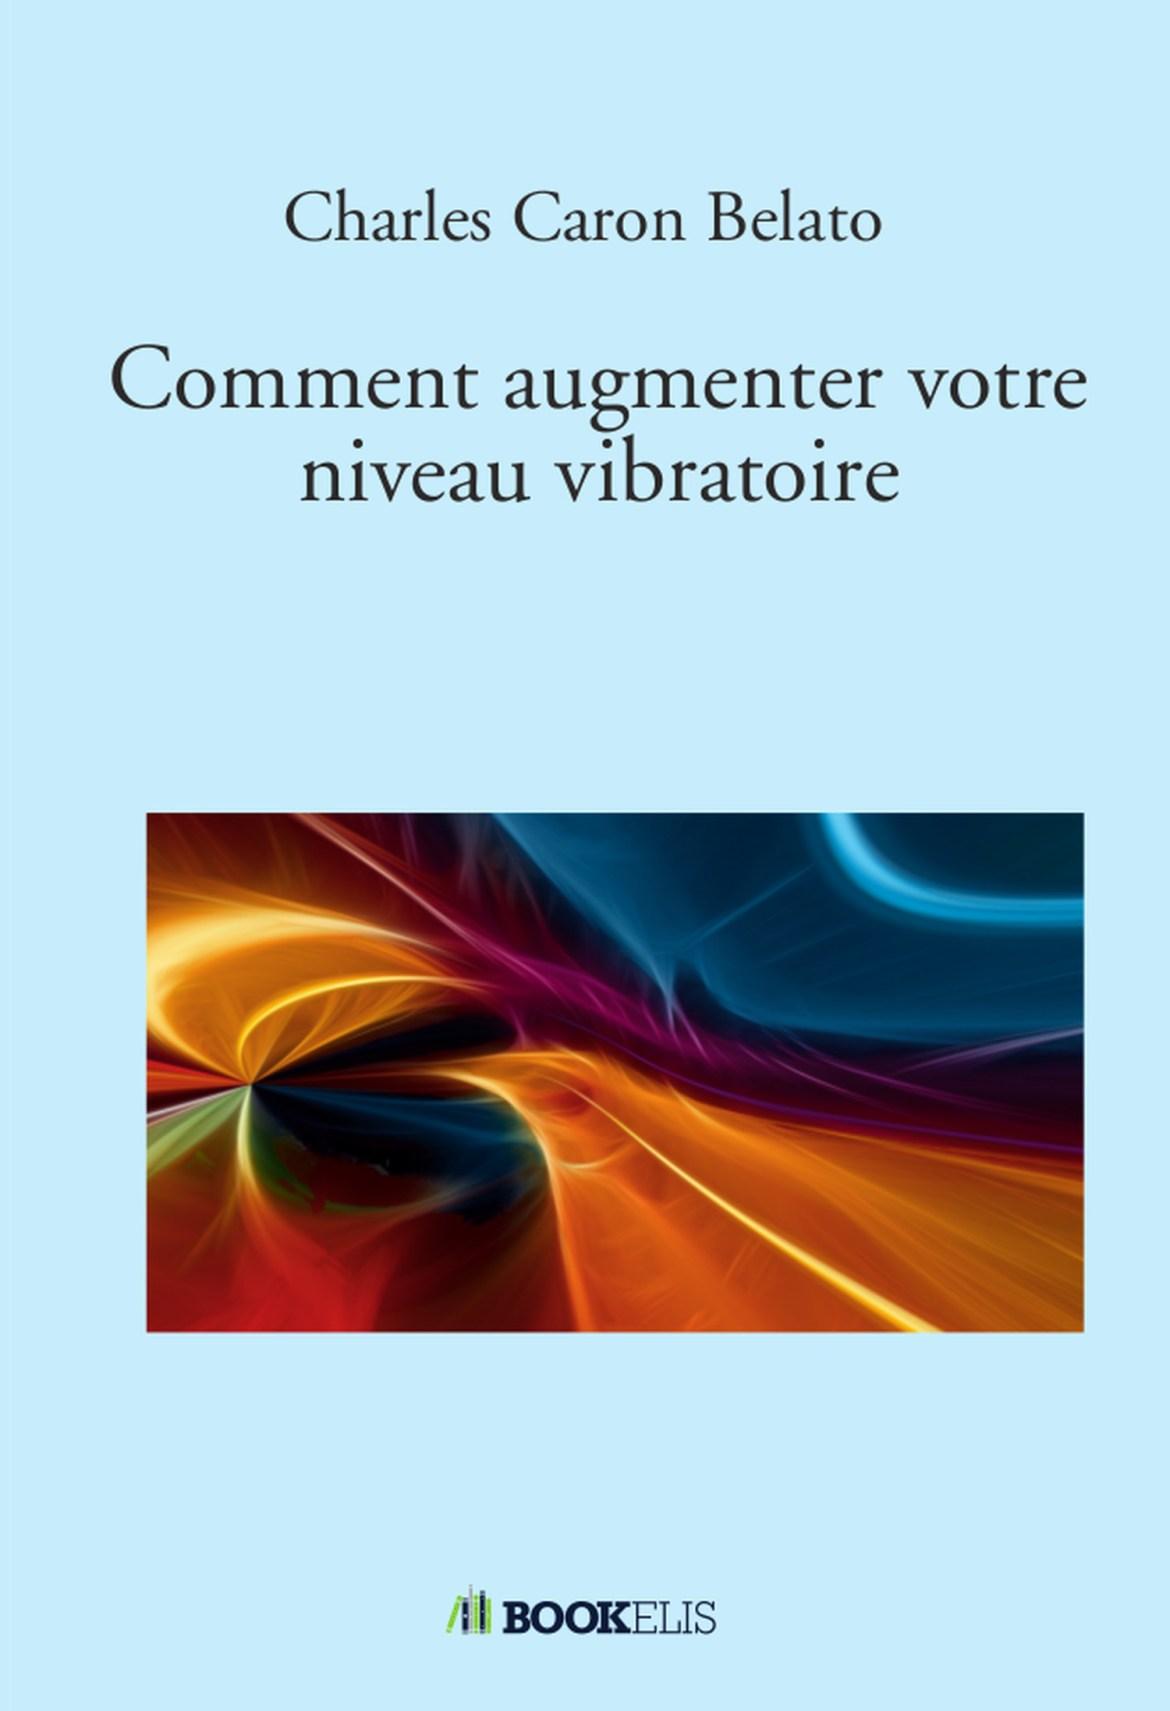 Comment augmenter votre niveau vibratoire